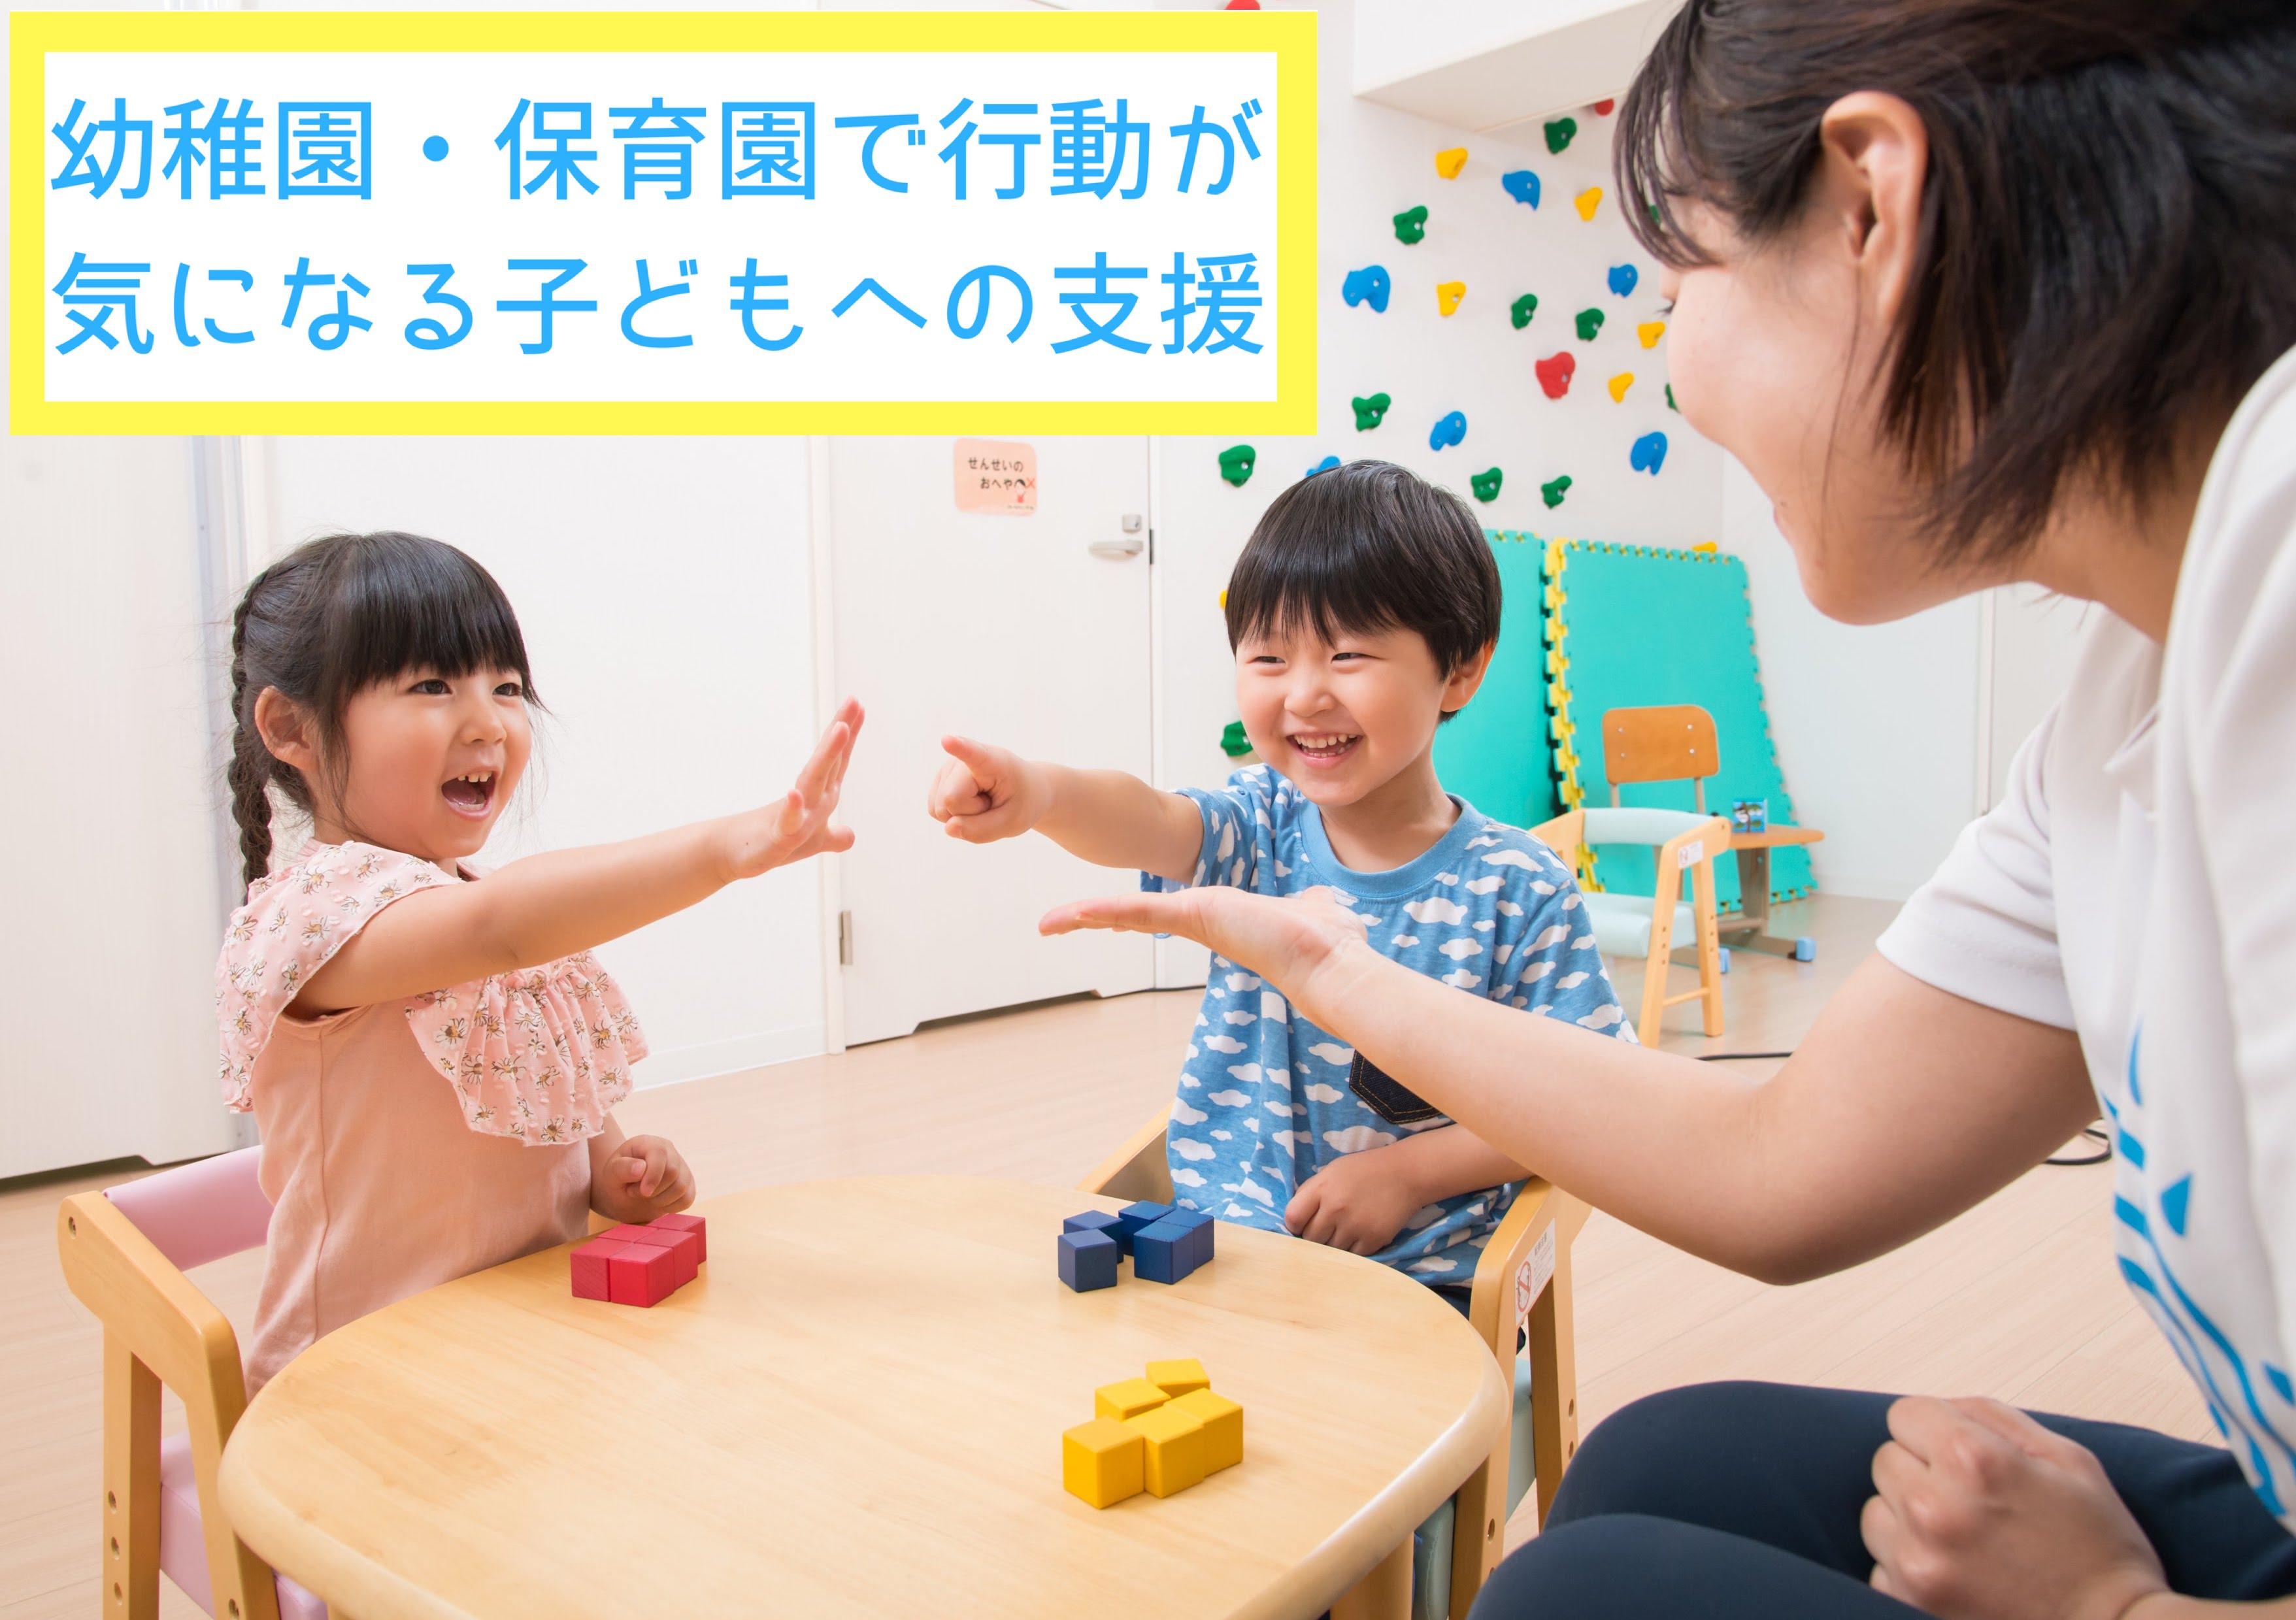 発達が気になる子どもに対する幼稚園・保育園での関わり